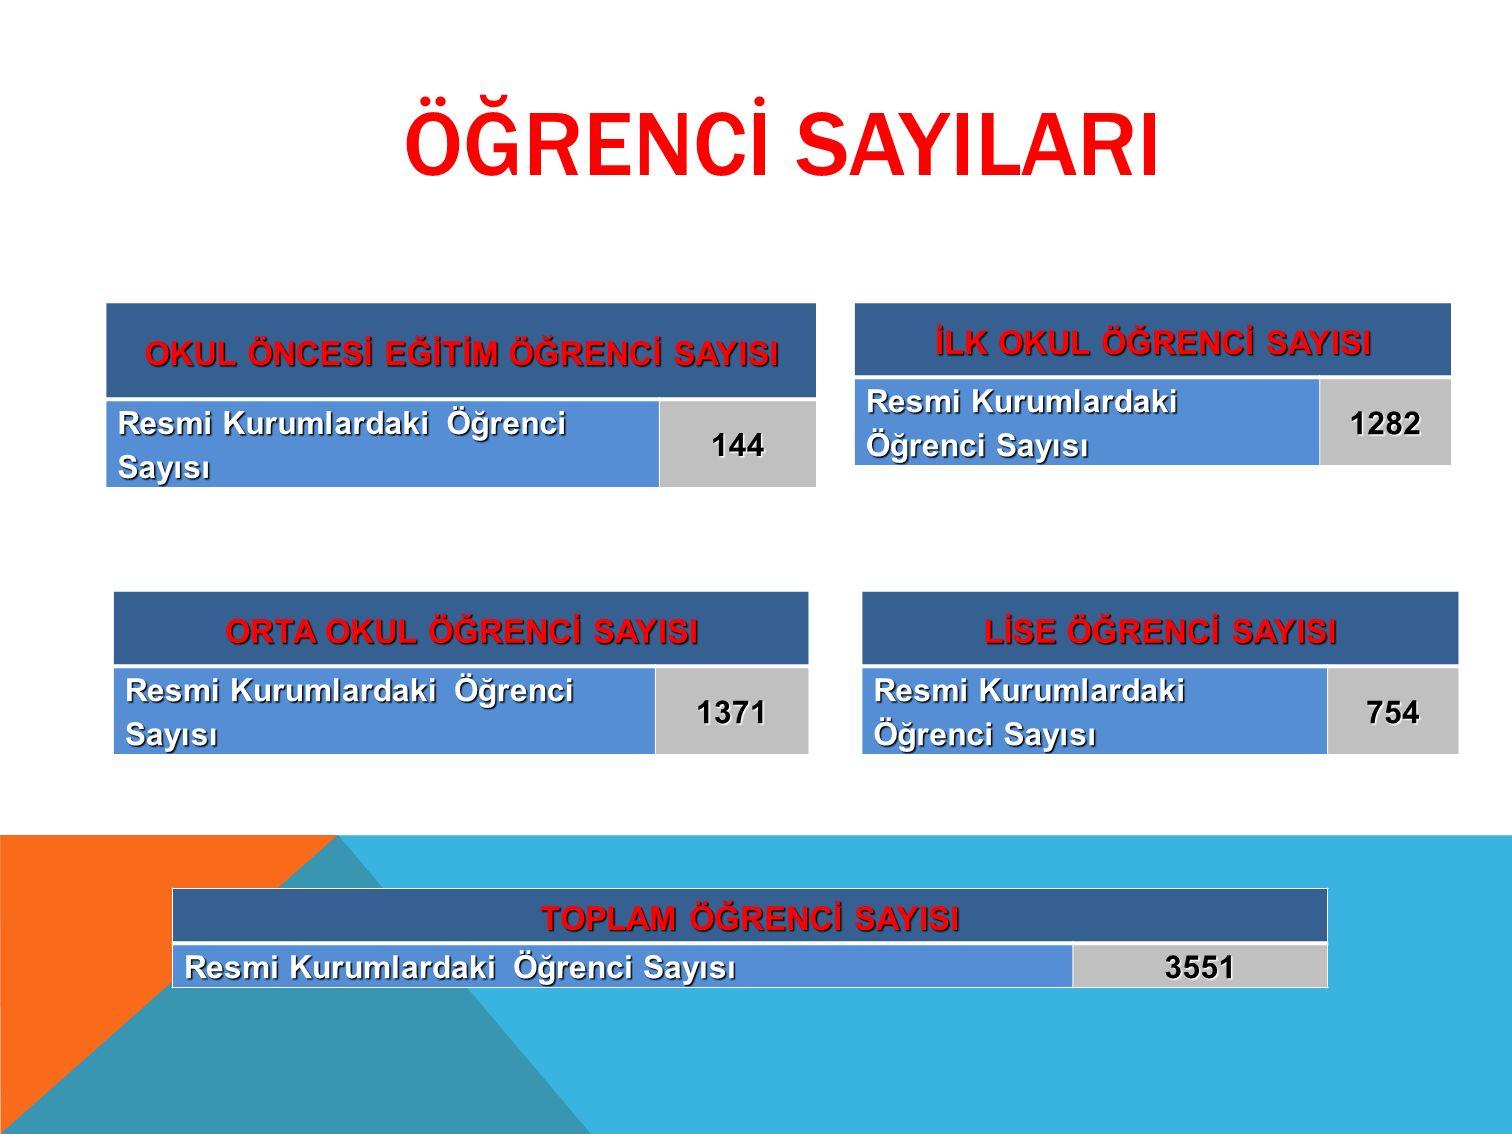 ÖĞRENCİ SAYILARI OKUL ÖNCESİ EĞİTİM ÖĞRENCİ SAYISI Resmi Kurumlardaki Öğrenci Sayısı 144 İLK OKUL ÖĞRENCİ SAYISI Resmi Kurumlardaki Öğrenci Sayısı 1282 LİSE ÖĞRENCİ SAYISI Resmi Kurumlardaki Öğrenci Sayısı 754 ORTA OKUL ÖĞRENCİ SAYISI Resmi Kurumlardaki Öğrenci Sayısı 1371 TOPLAM ÖĞRENCİ SAYISI Resmi Kurumlardaki Öğrenci Sayısı 3551